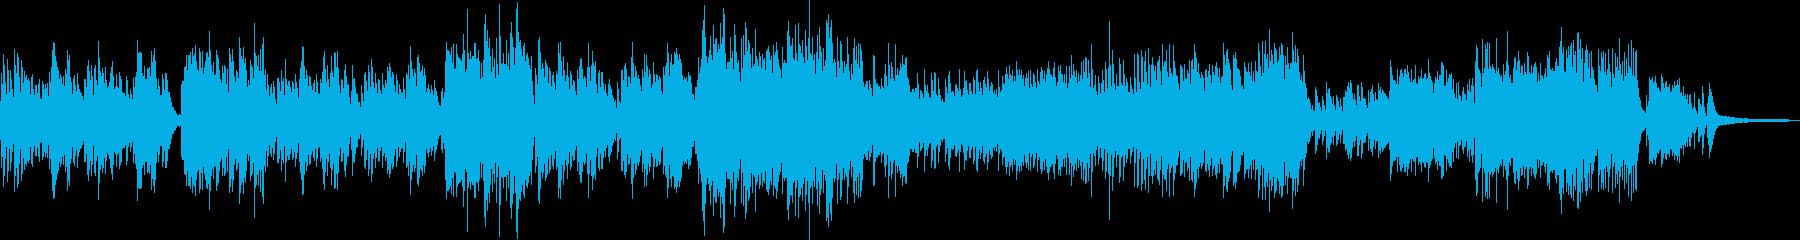 姫チックなワルツ・華やかな連弾ピアノの再生済みの波形